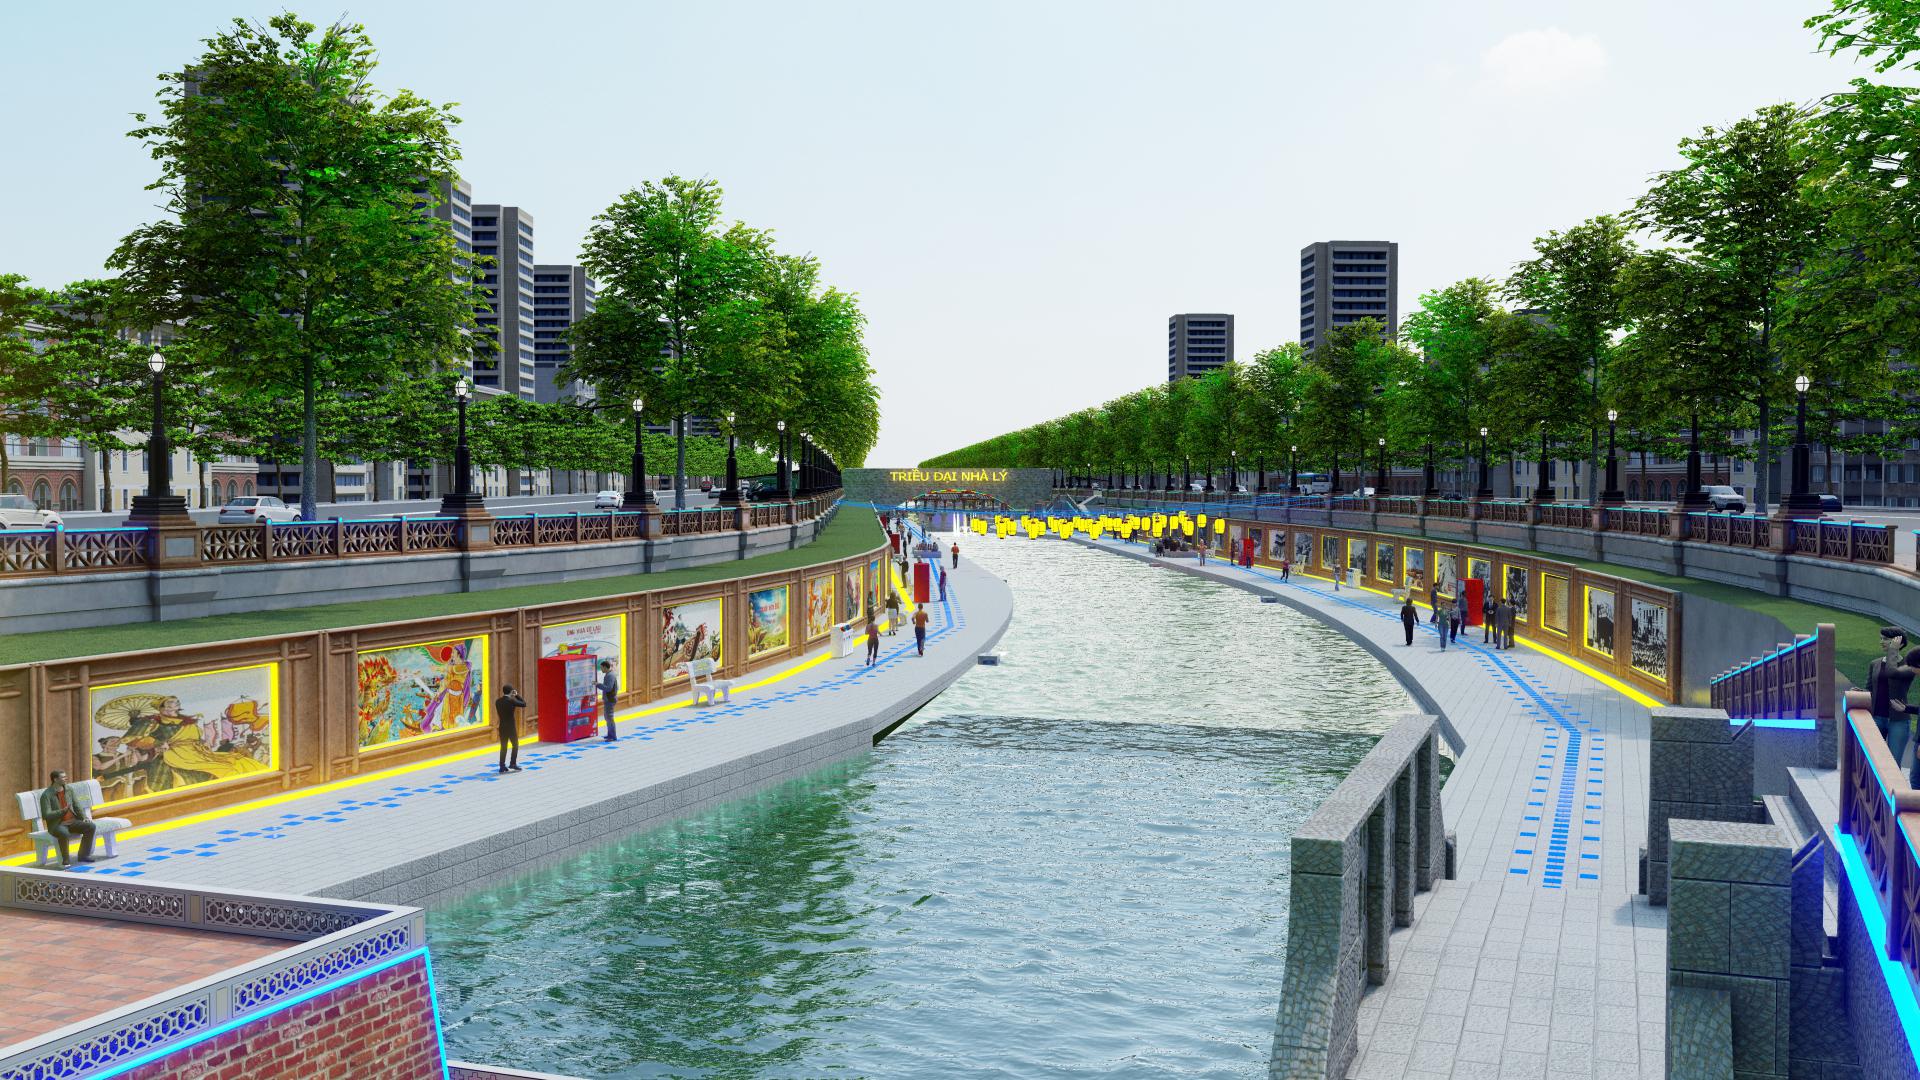 JVE: 'Công viên Lịch sử - Văn hóa - Tâm linh Tô Lịch' là dự án công ích, không tác động cư dân hai bên sông - Ảnh 2.